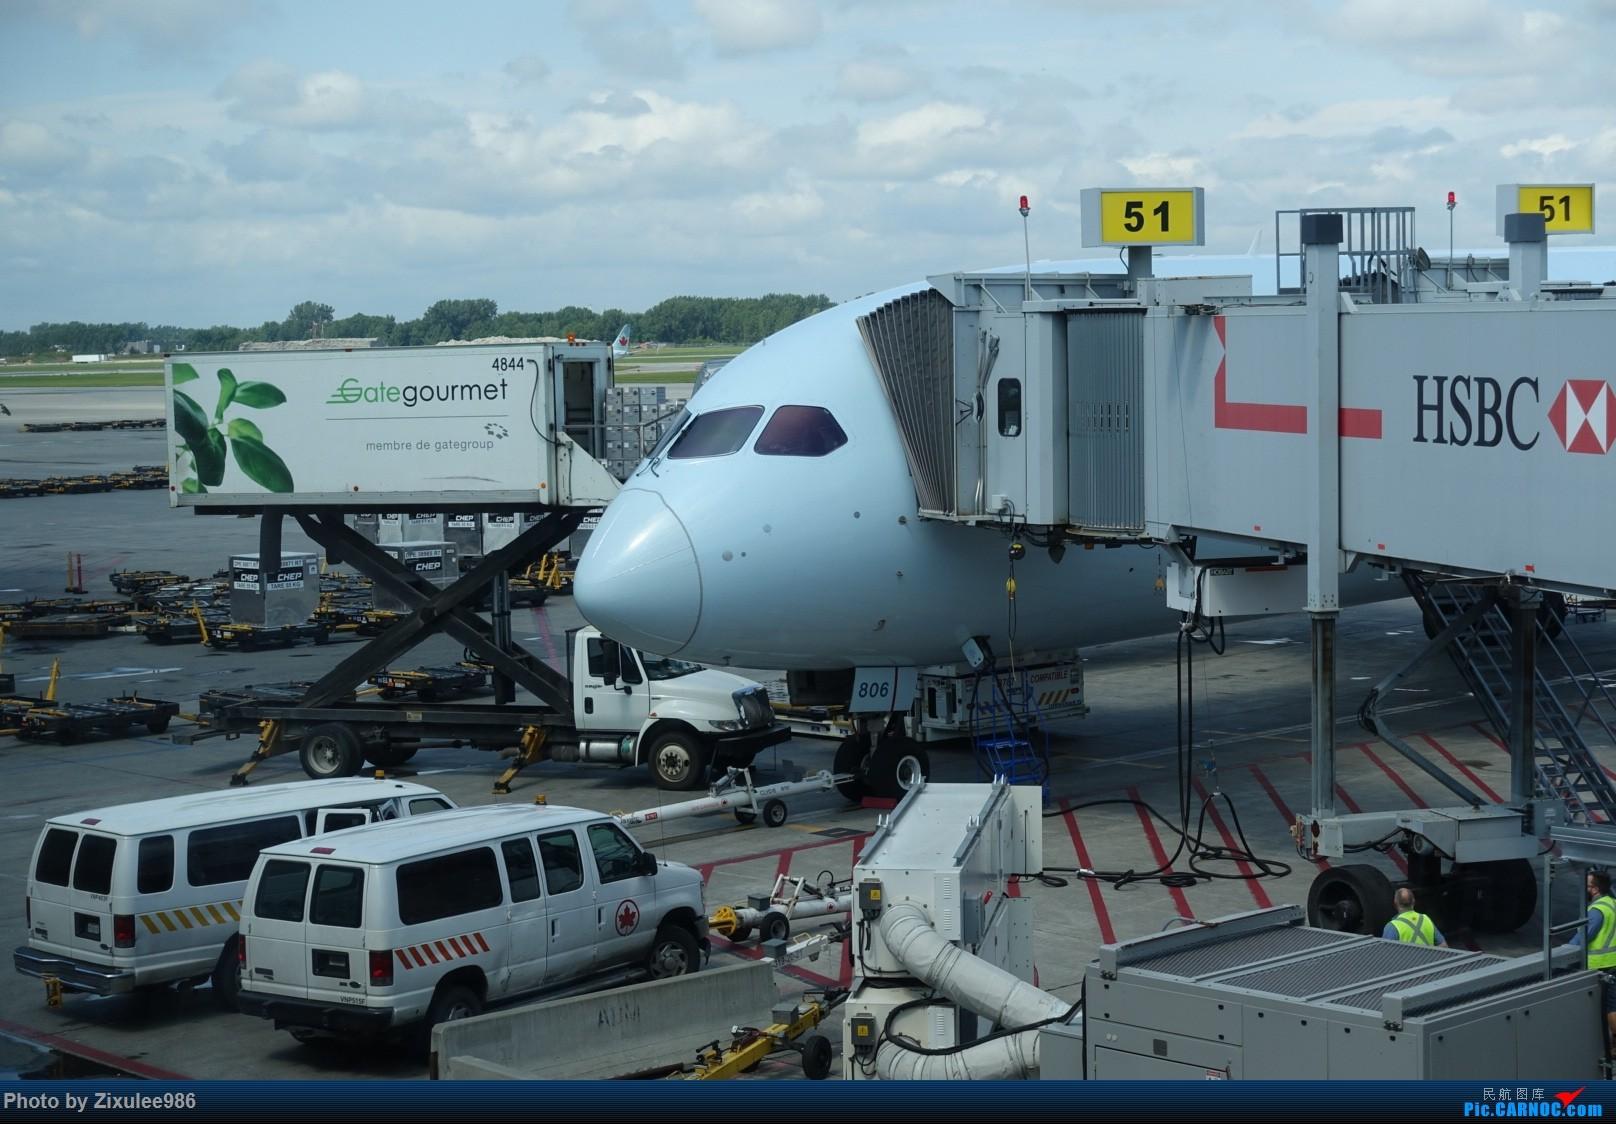 Re:[原创](PVG)AC的墨镜 BOEING 787-8 C-GHPY 加拿大蒙特利尔特鲁多机场